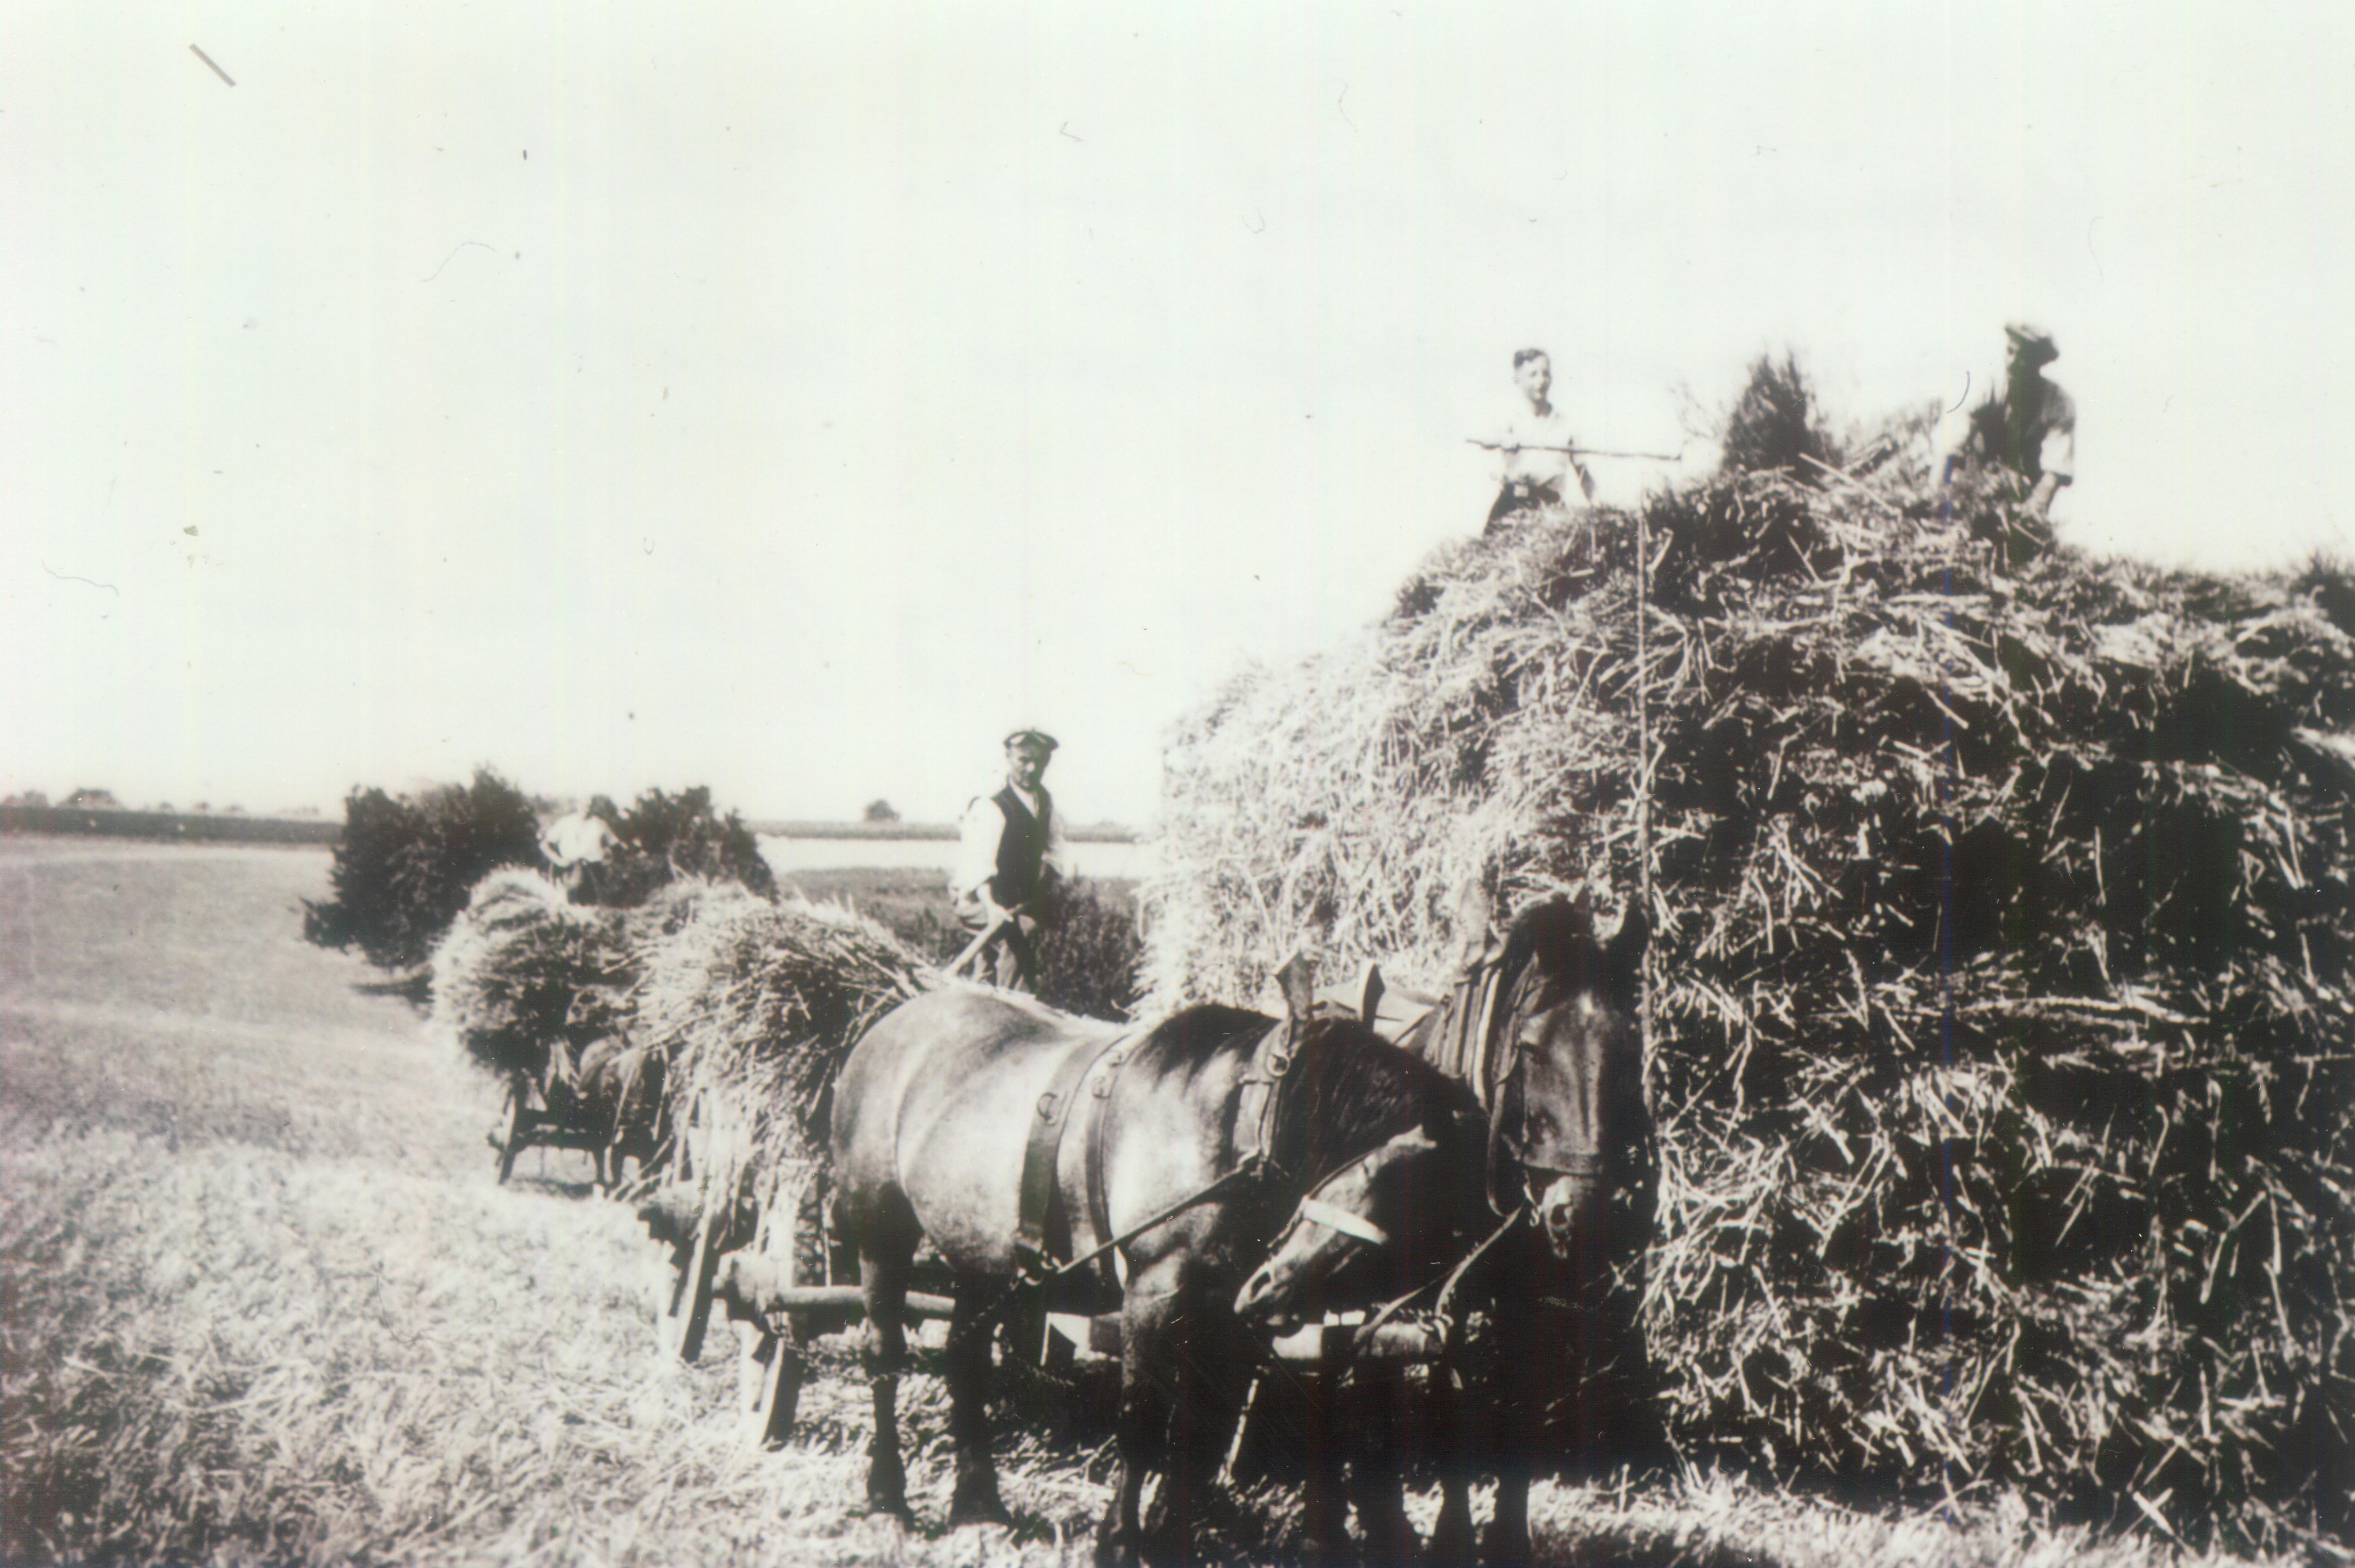 oberbachem adenauer002 Getreide wir auf einem Schober zusamnegefahren 1920